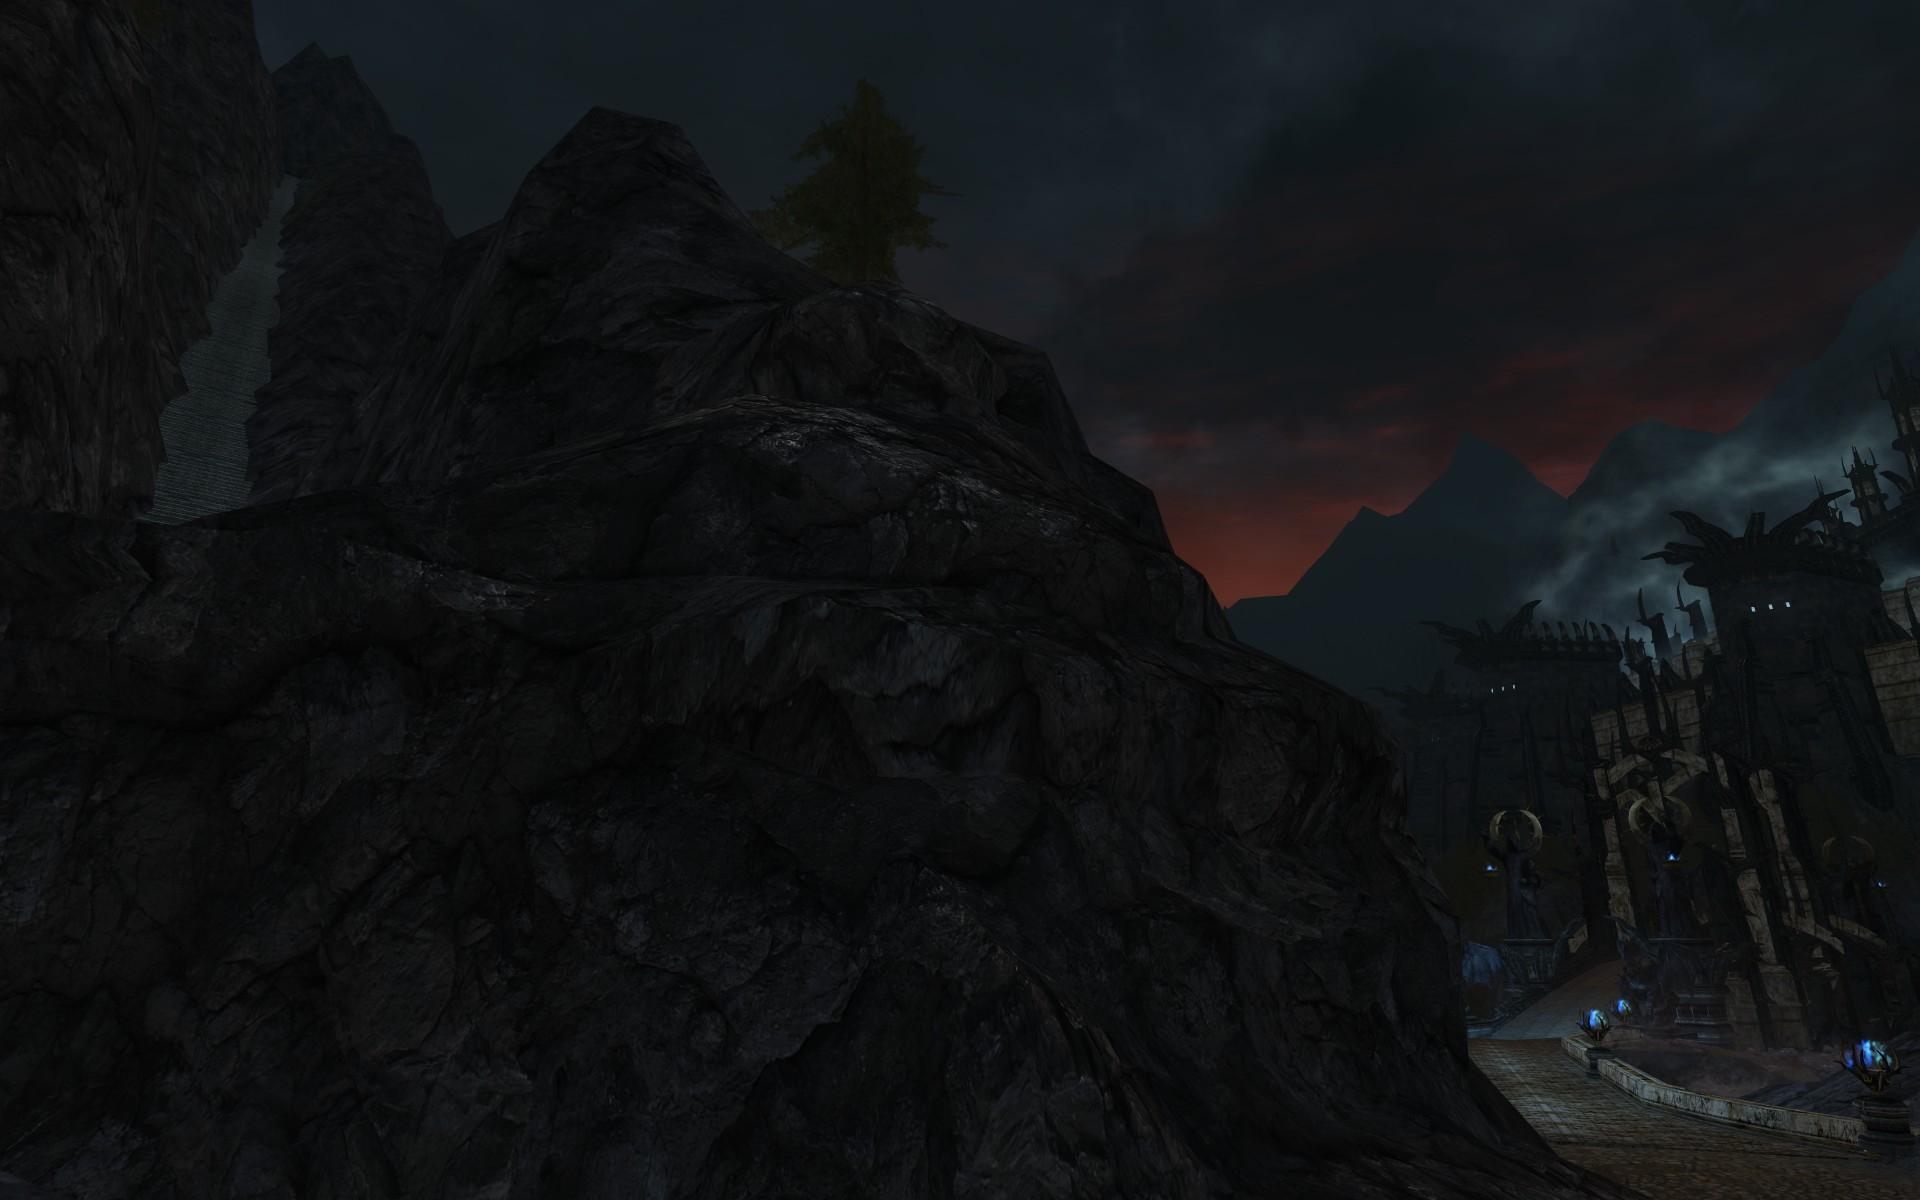 『ロード・オブ・ザ・リングス オンライン』におけるモルグル谷(右手にミナス・モルグル、左手にキリス・ウンゴルへ向かう階段)